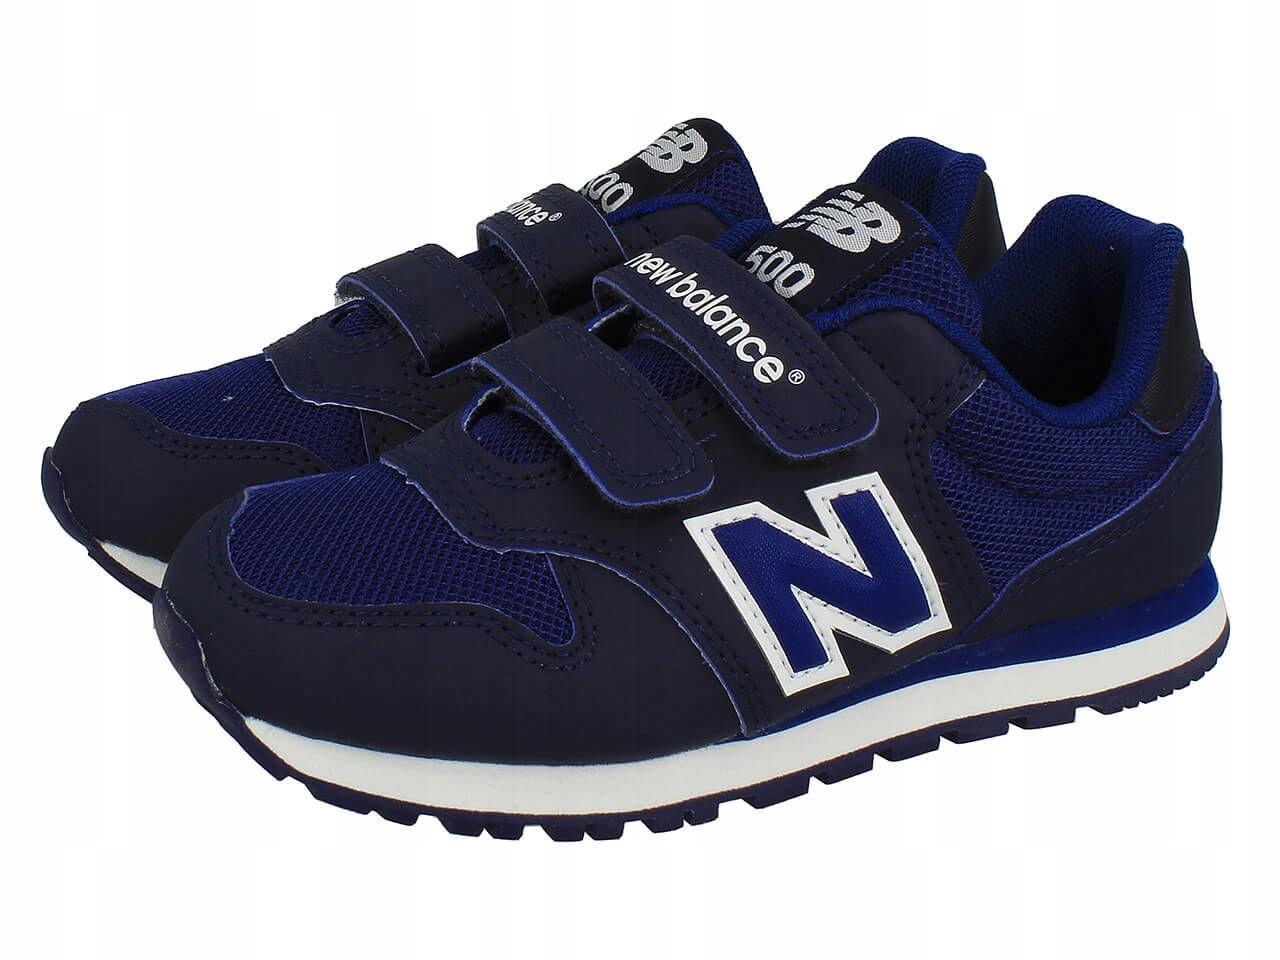 Dzieciece buty New Balance rozmiar 30. Dlugosc wkładki 19 cm